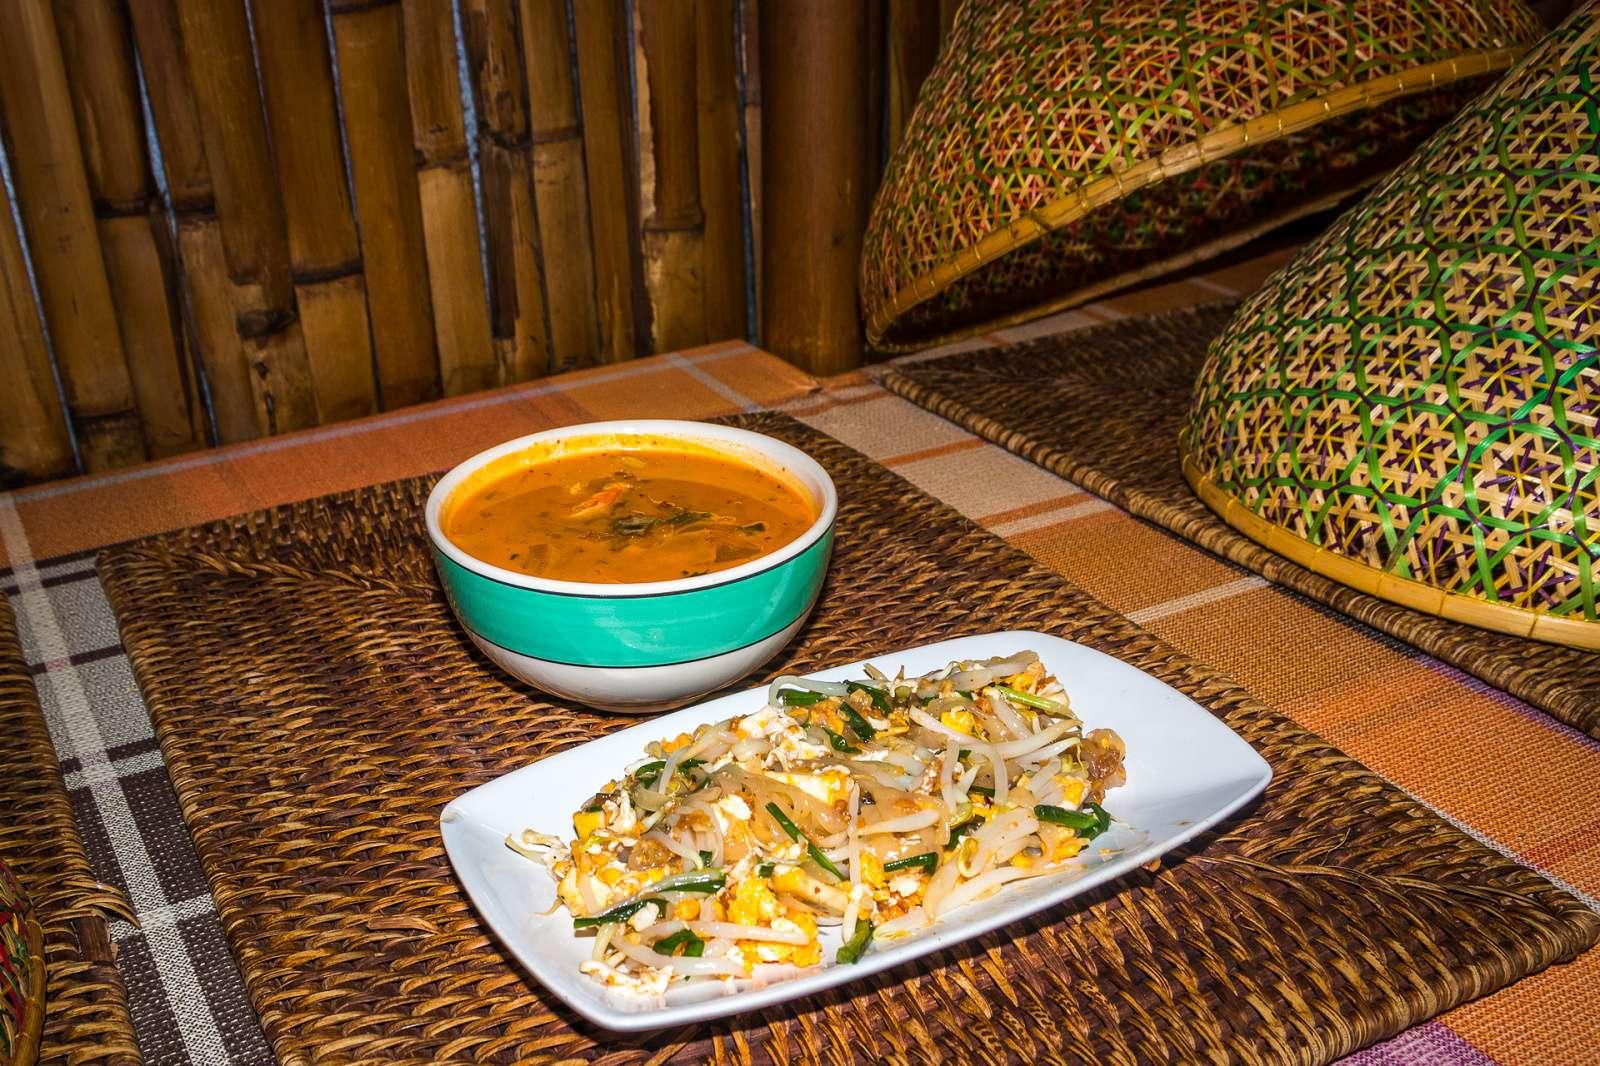 Kurz thajské kuchyně - tom yum a pad thai